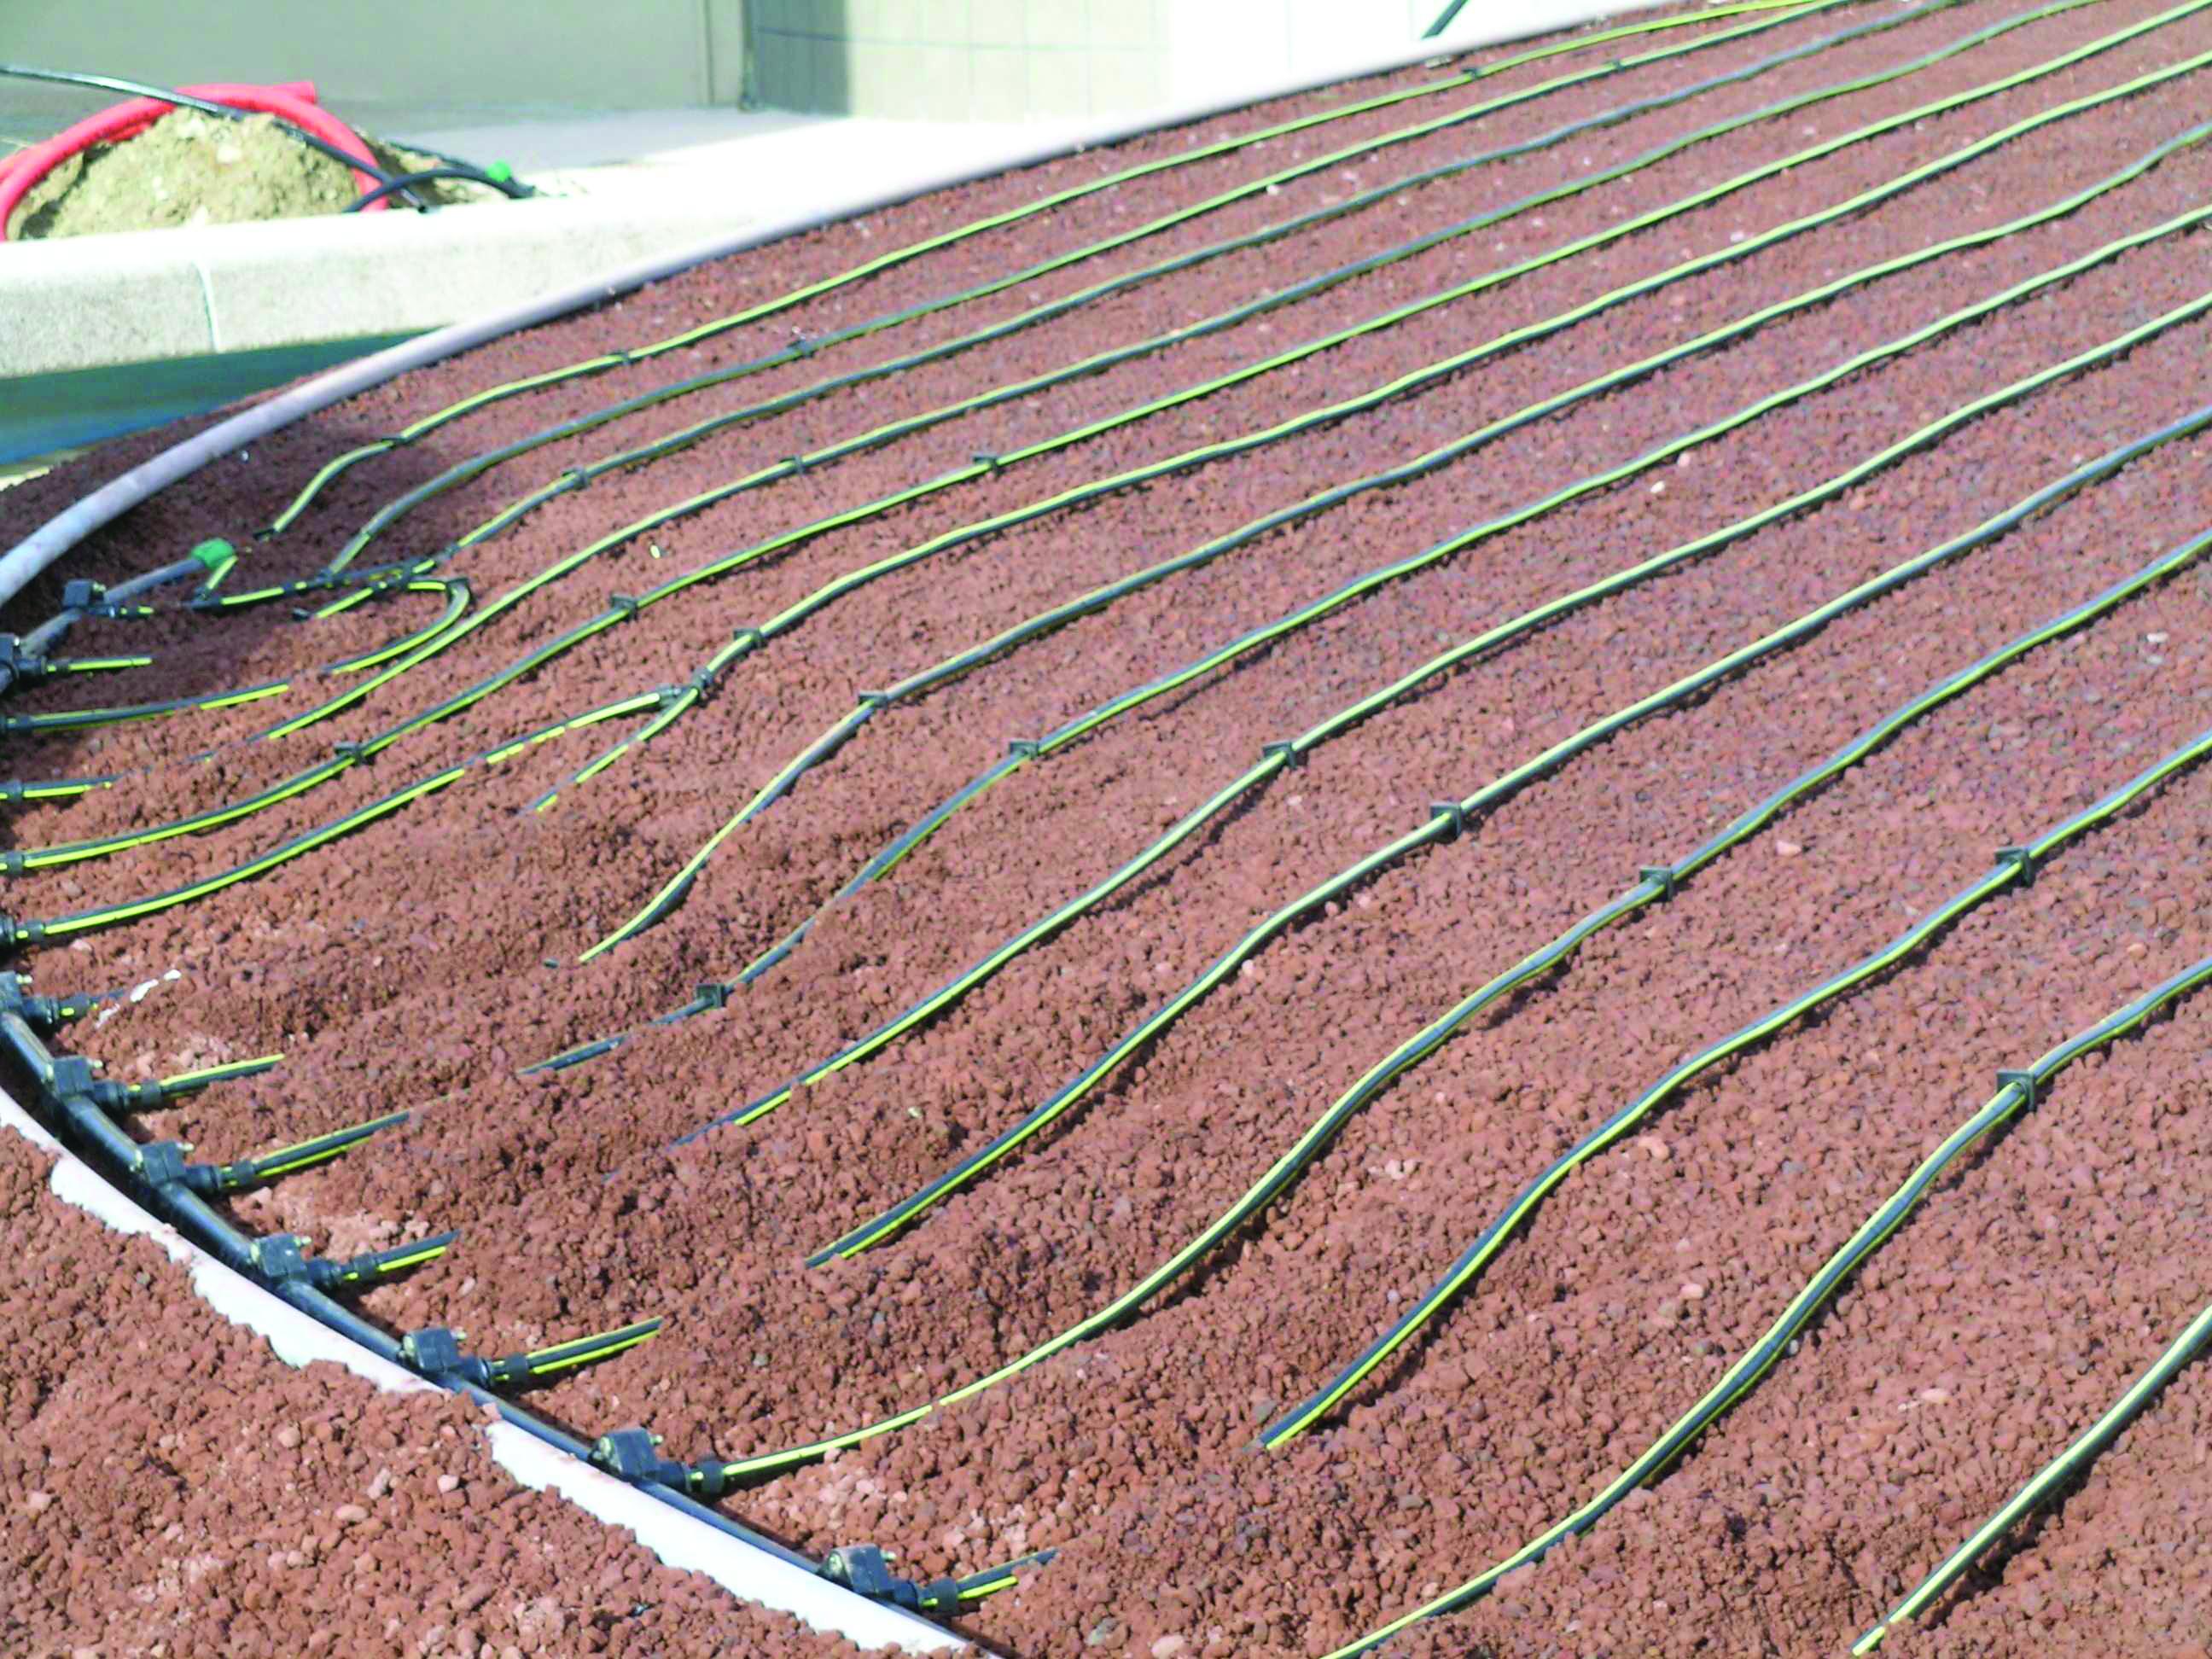 Sostenibilit a tutto campo con l 39 irrigazione a goccia for Materiale irrigazione